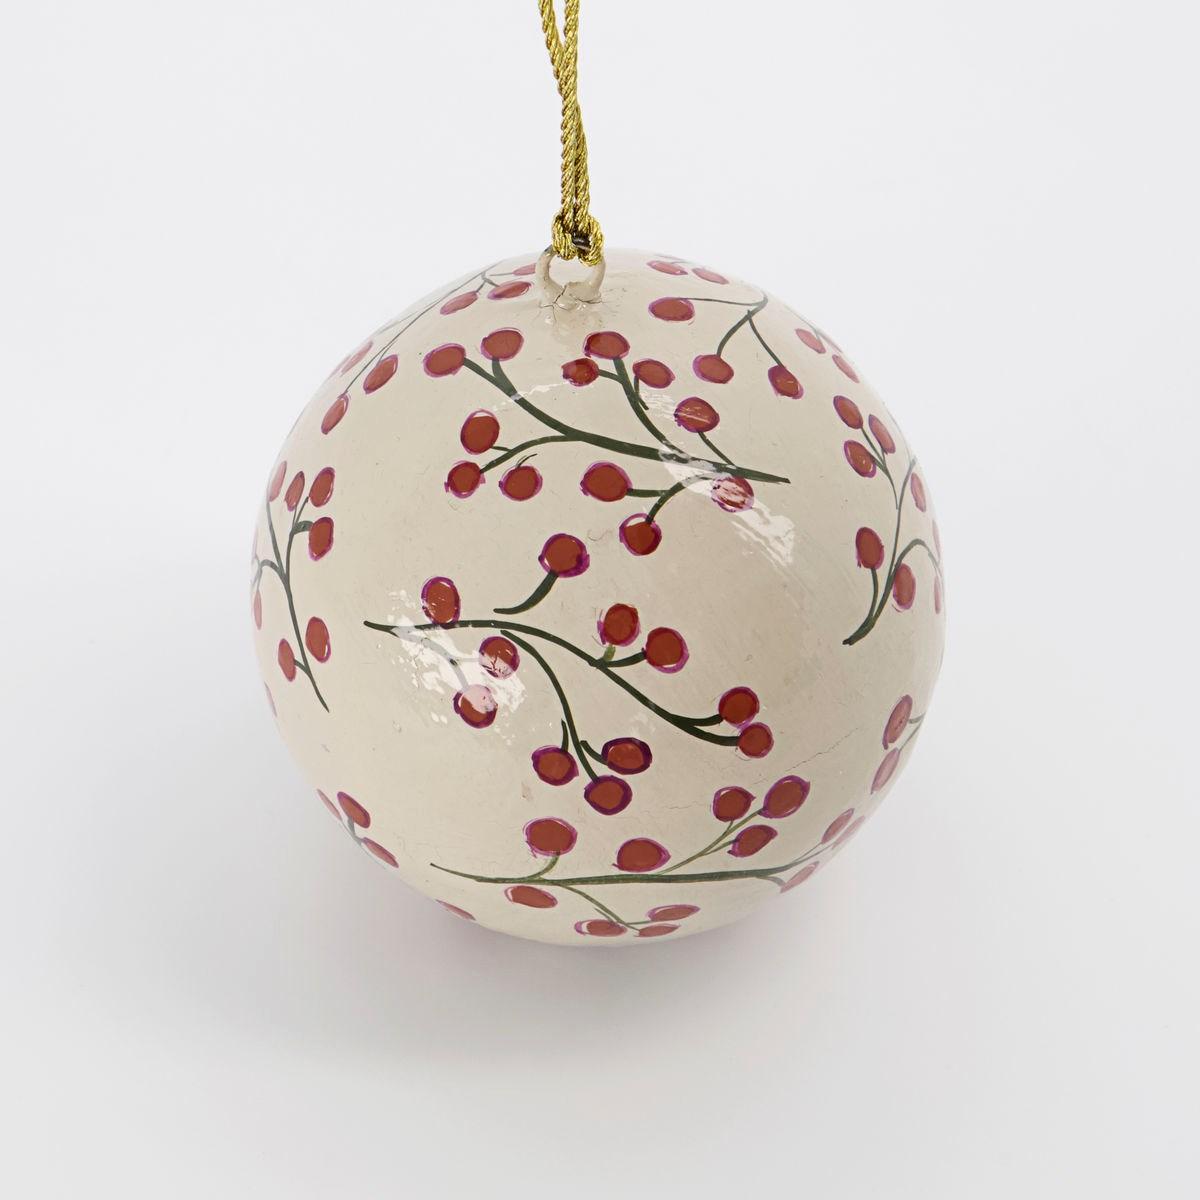 Vánoční ozdoba MACHE 8 cm koule písková_1